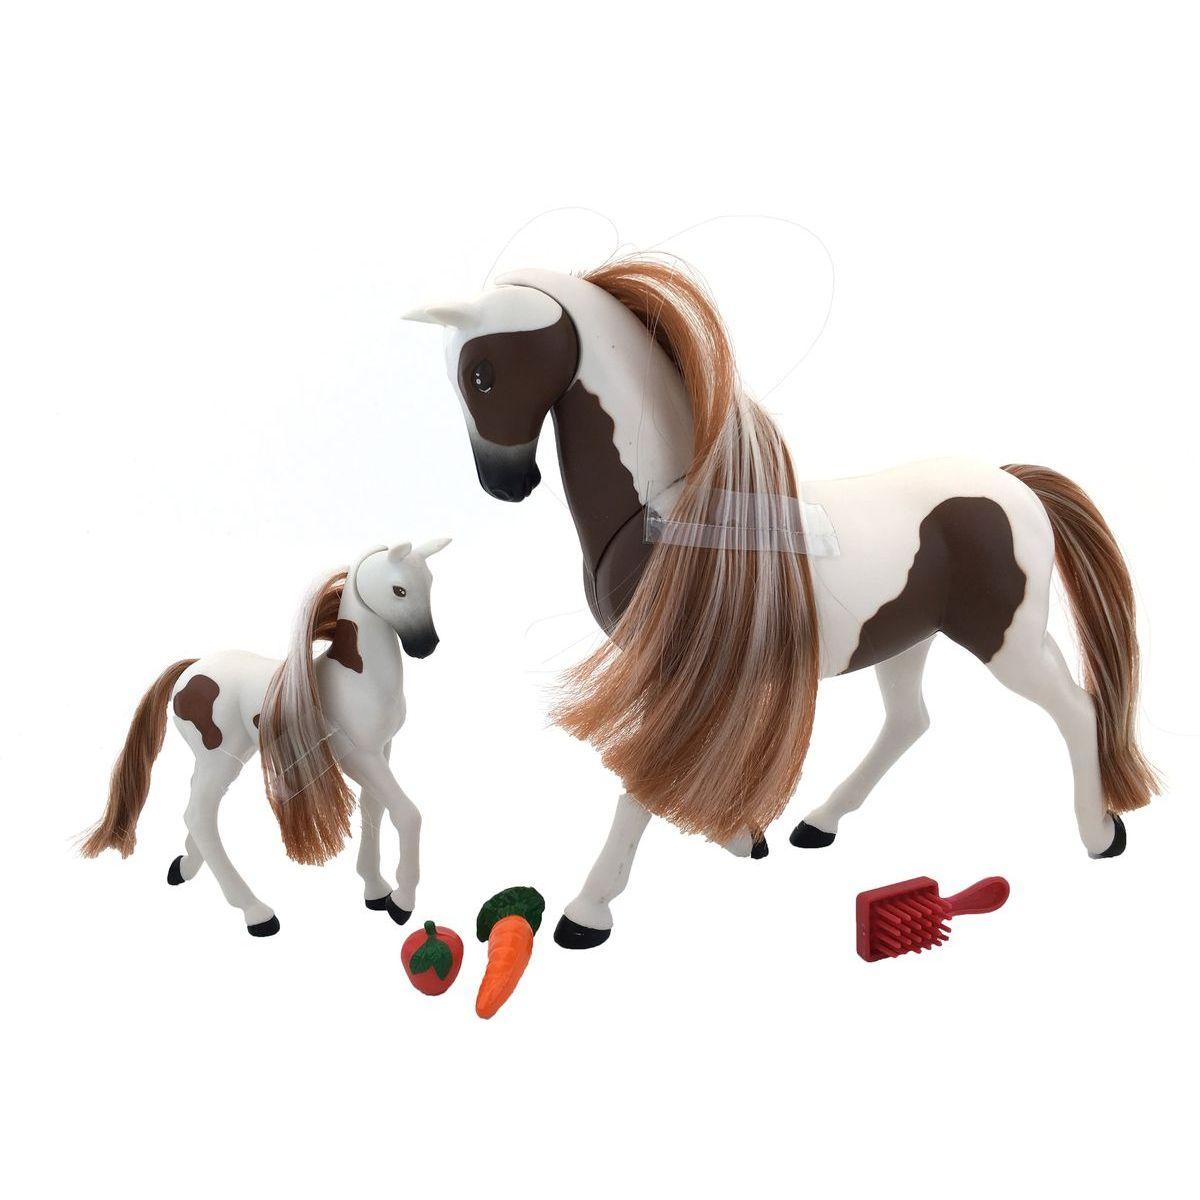 Kůň s hříbětem 18 cm - Hnědo-Bílá